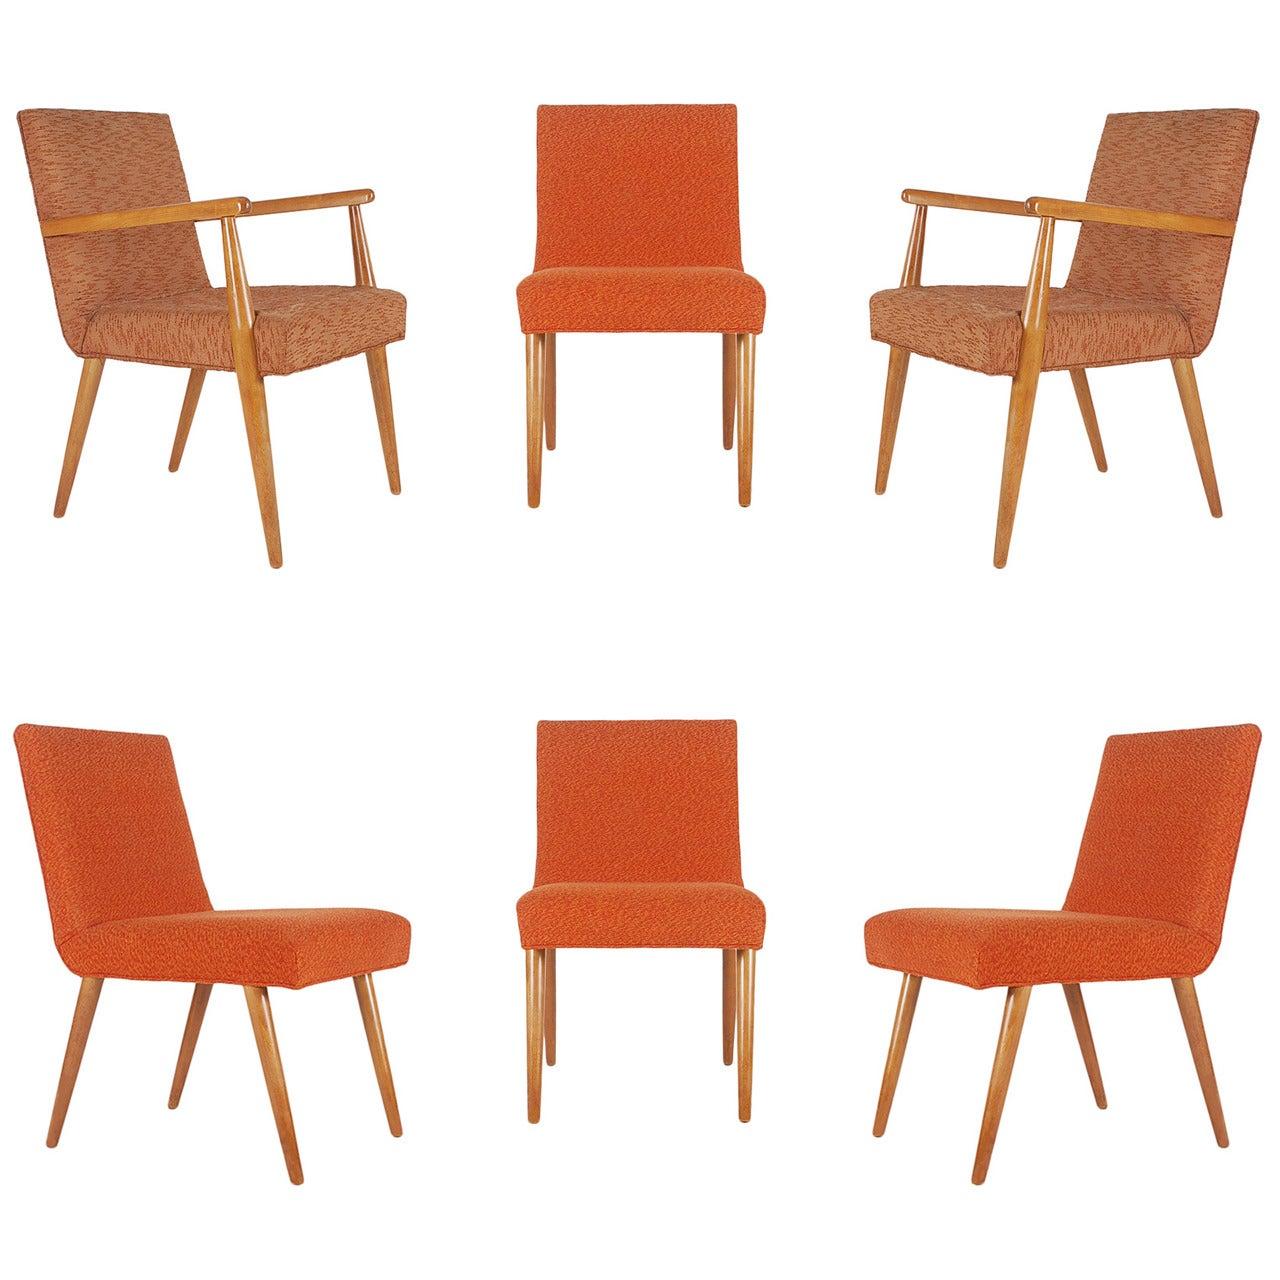 T.H. Robsjohn-Gibbings for Widdicomb Dining Chairs